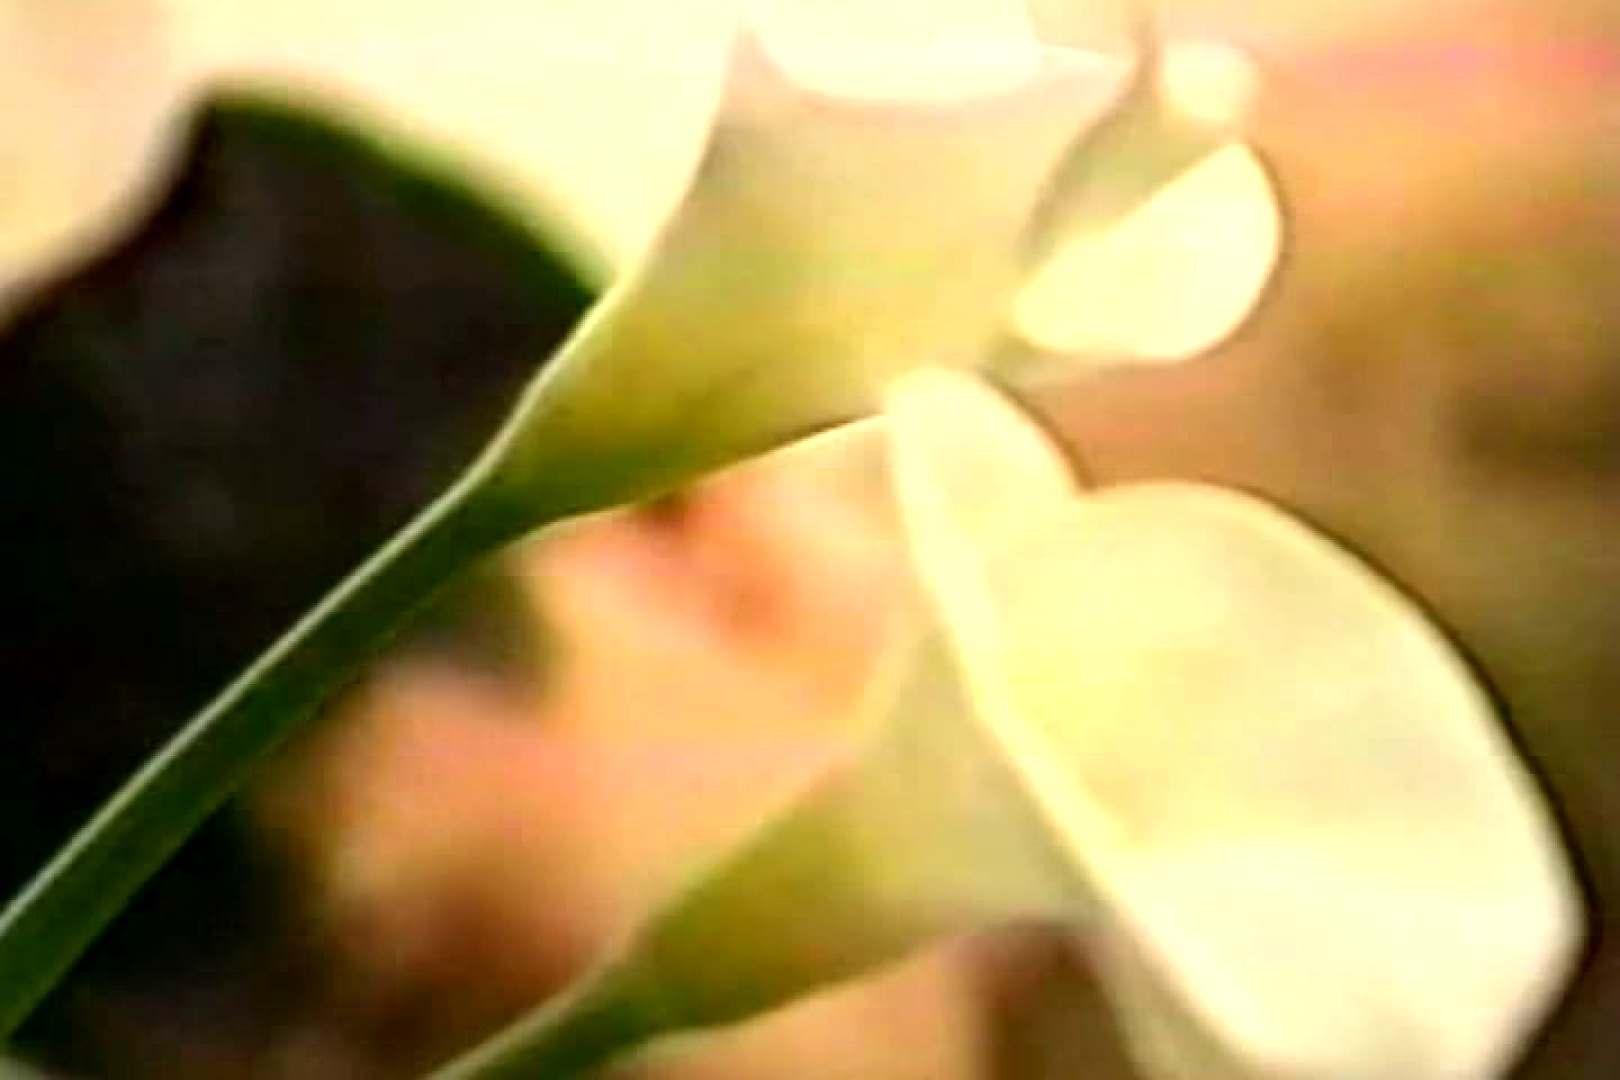 往年の名作 あの頃は若かった!Vol.02 エロ特集 ゲイセックス画像 105pic 11